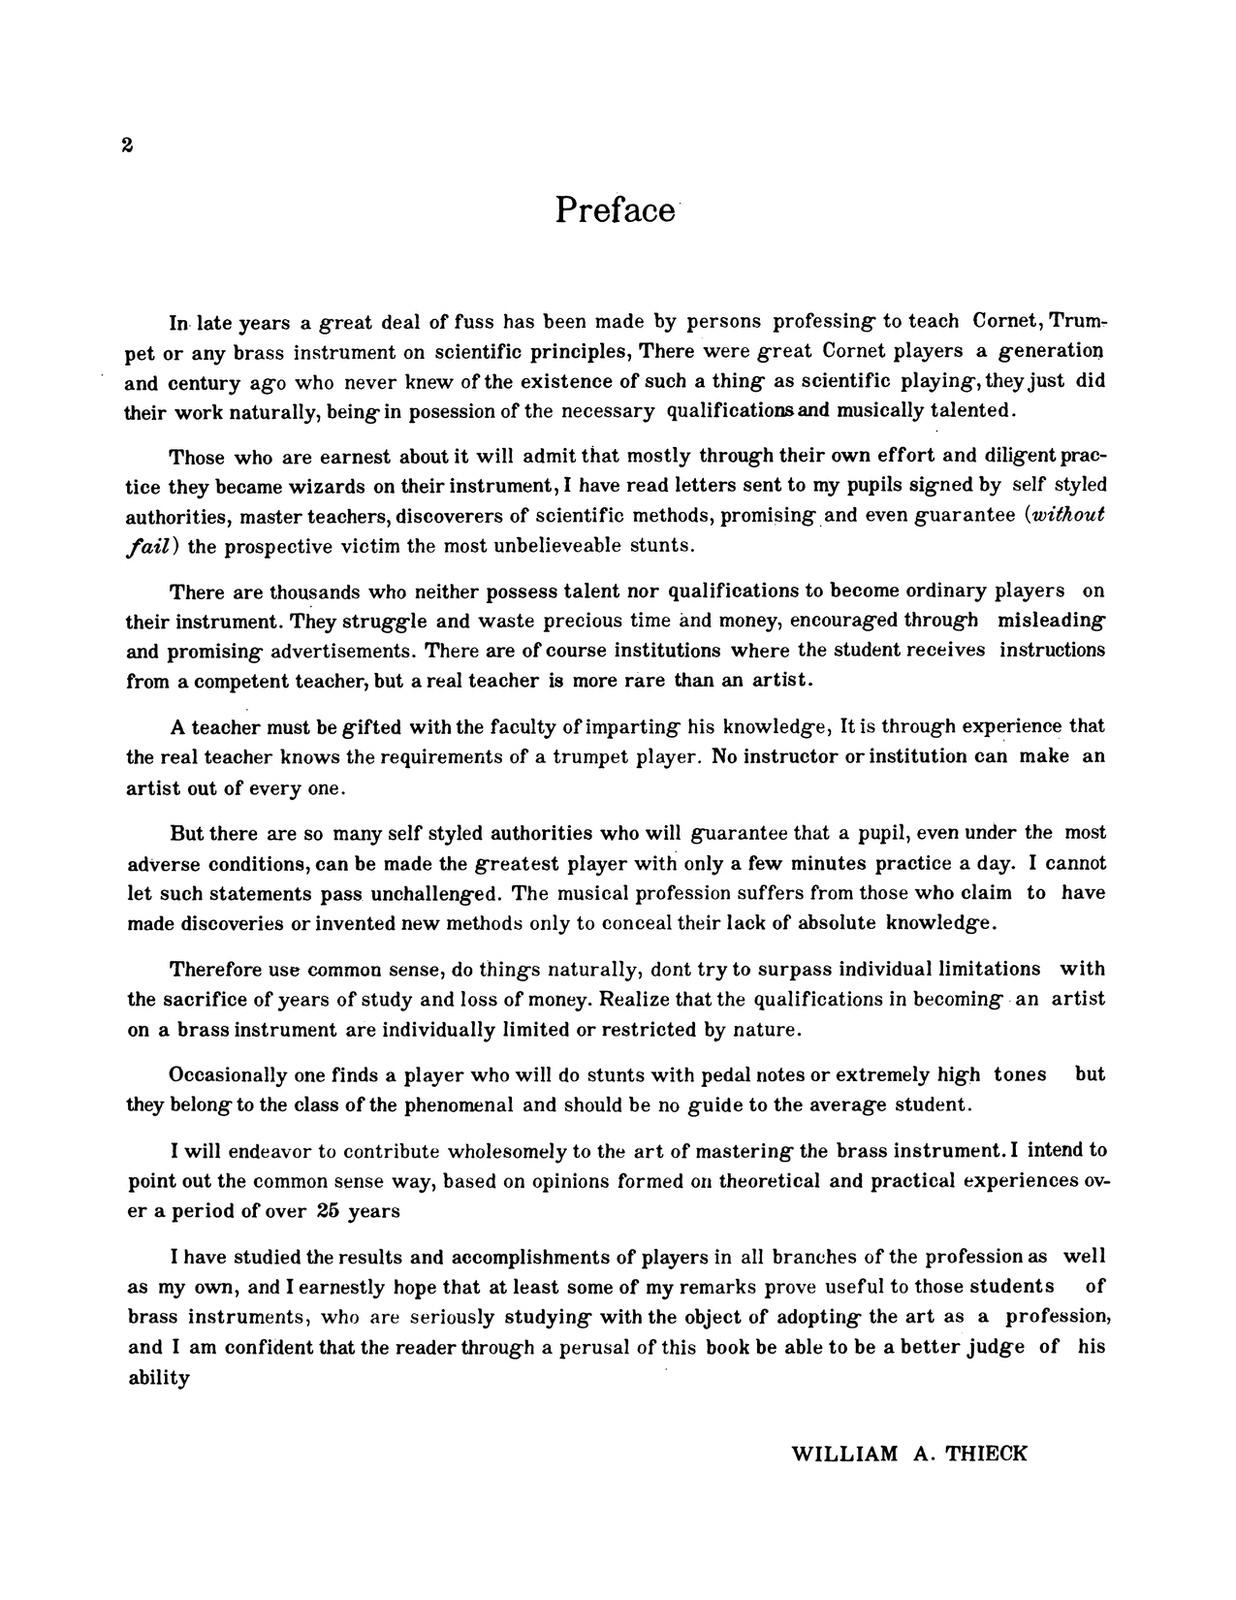 Thieck, William Common Sense Lip and Tone Development 2